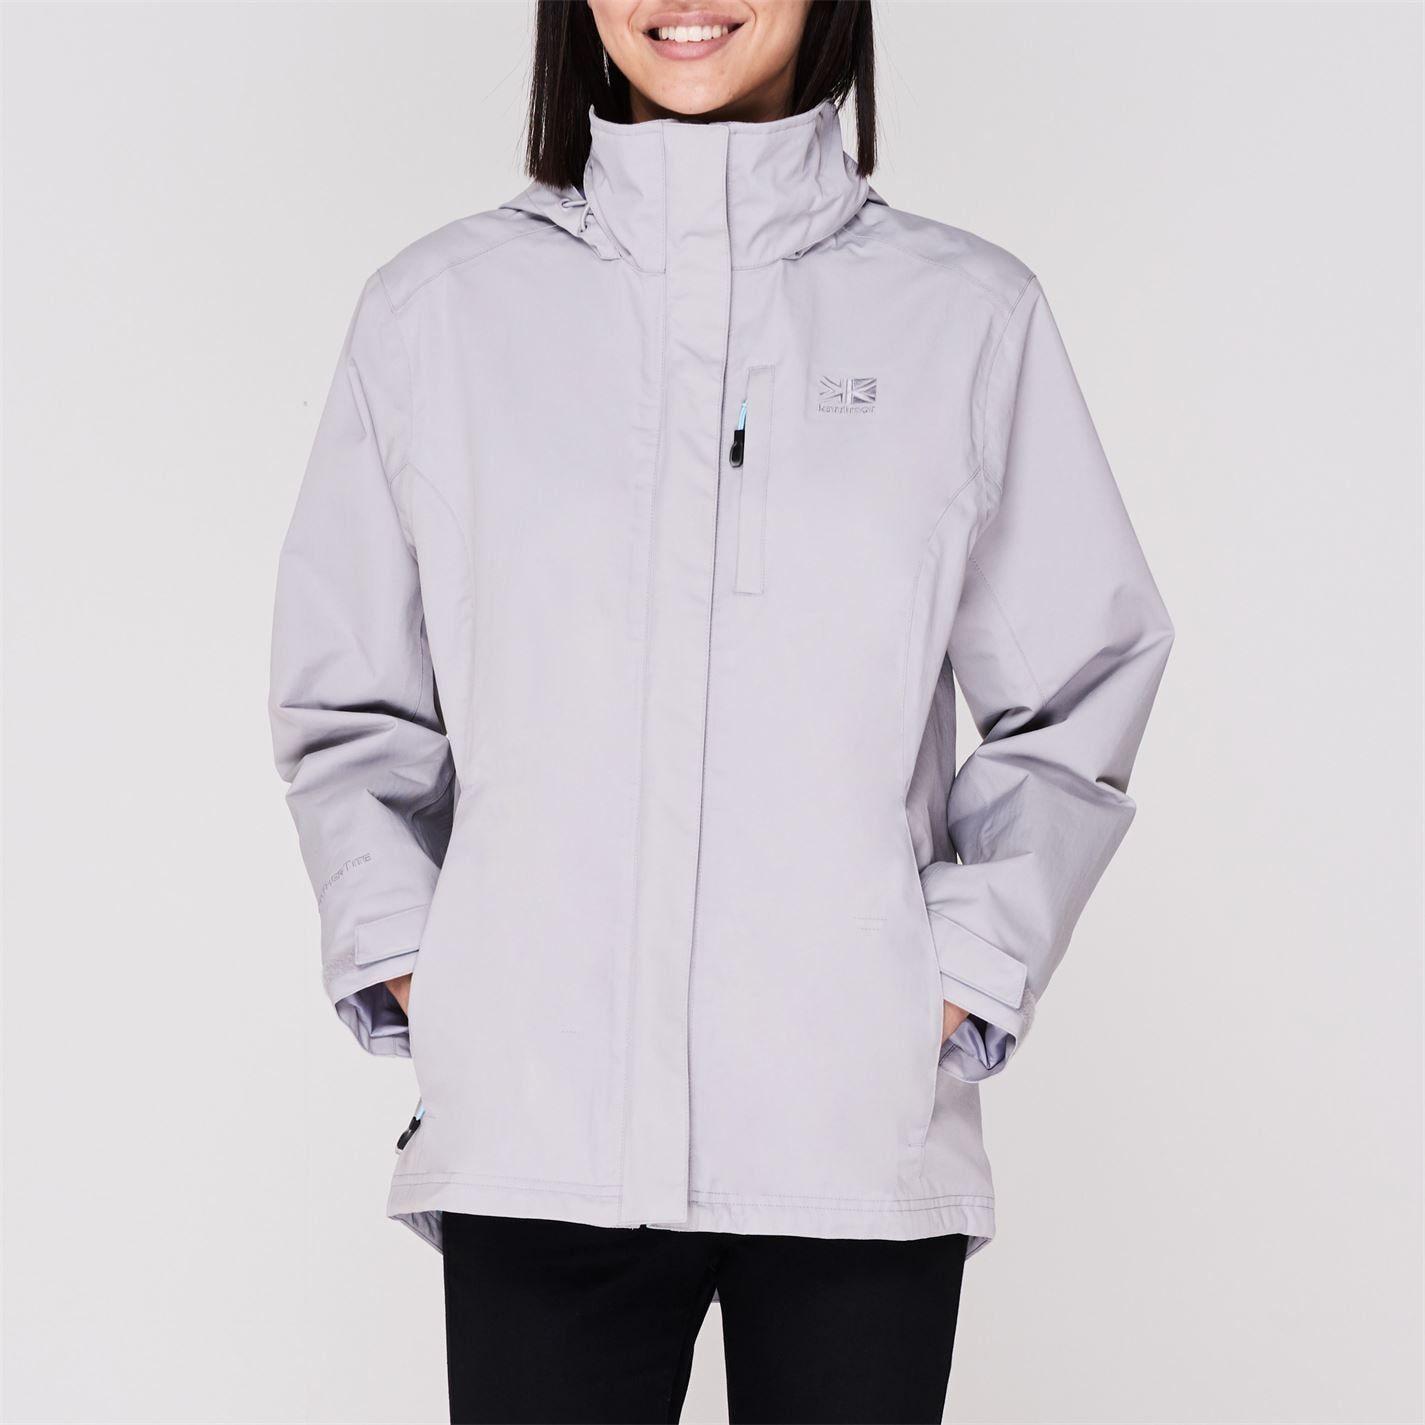 Karrimor Womens Urban Jacket Ladies Weathertite Waterproof Foldaway Hood